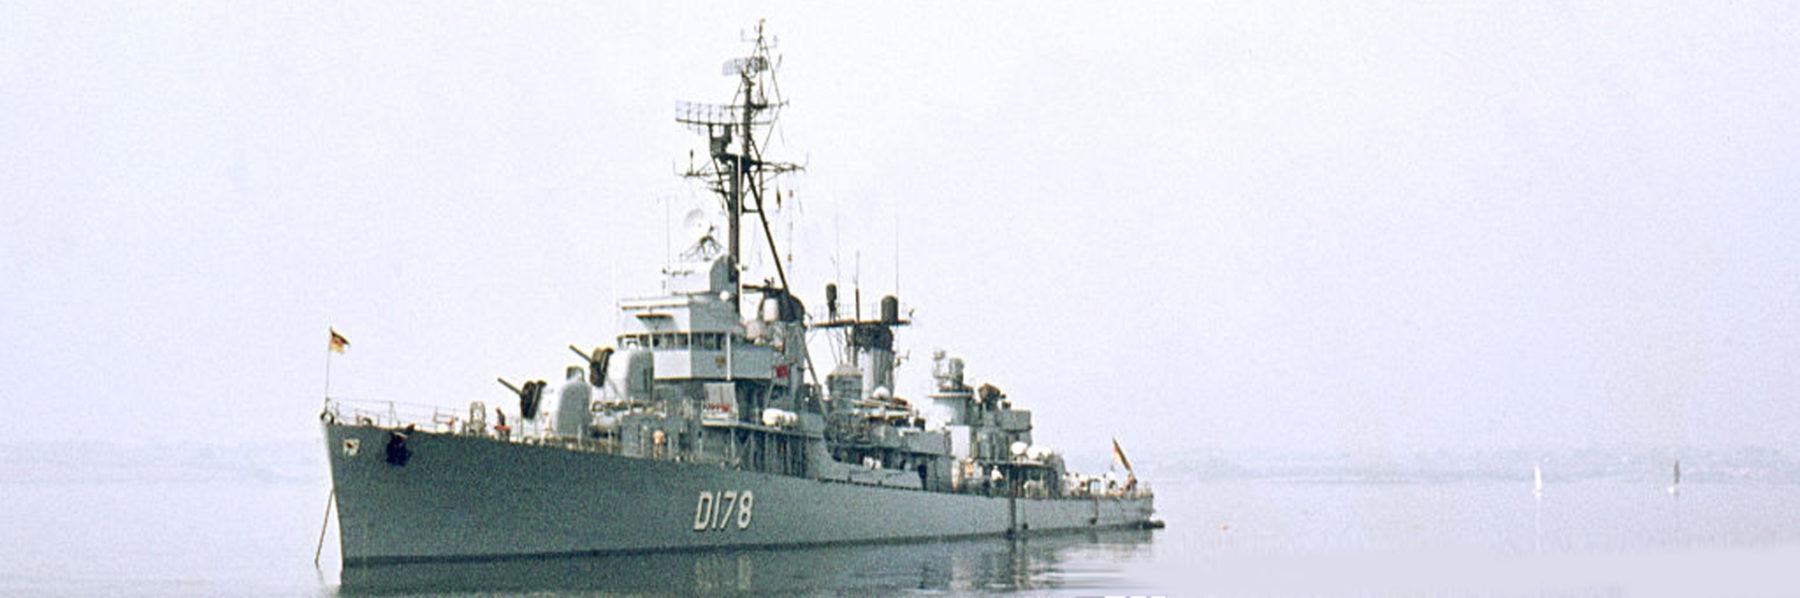 Zerstörer class destroyers (1958)